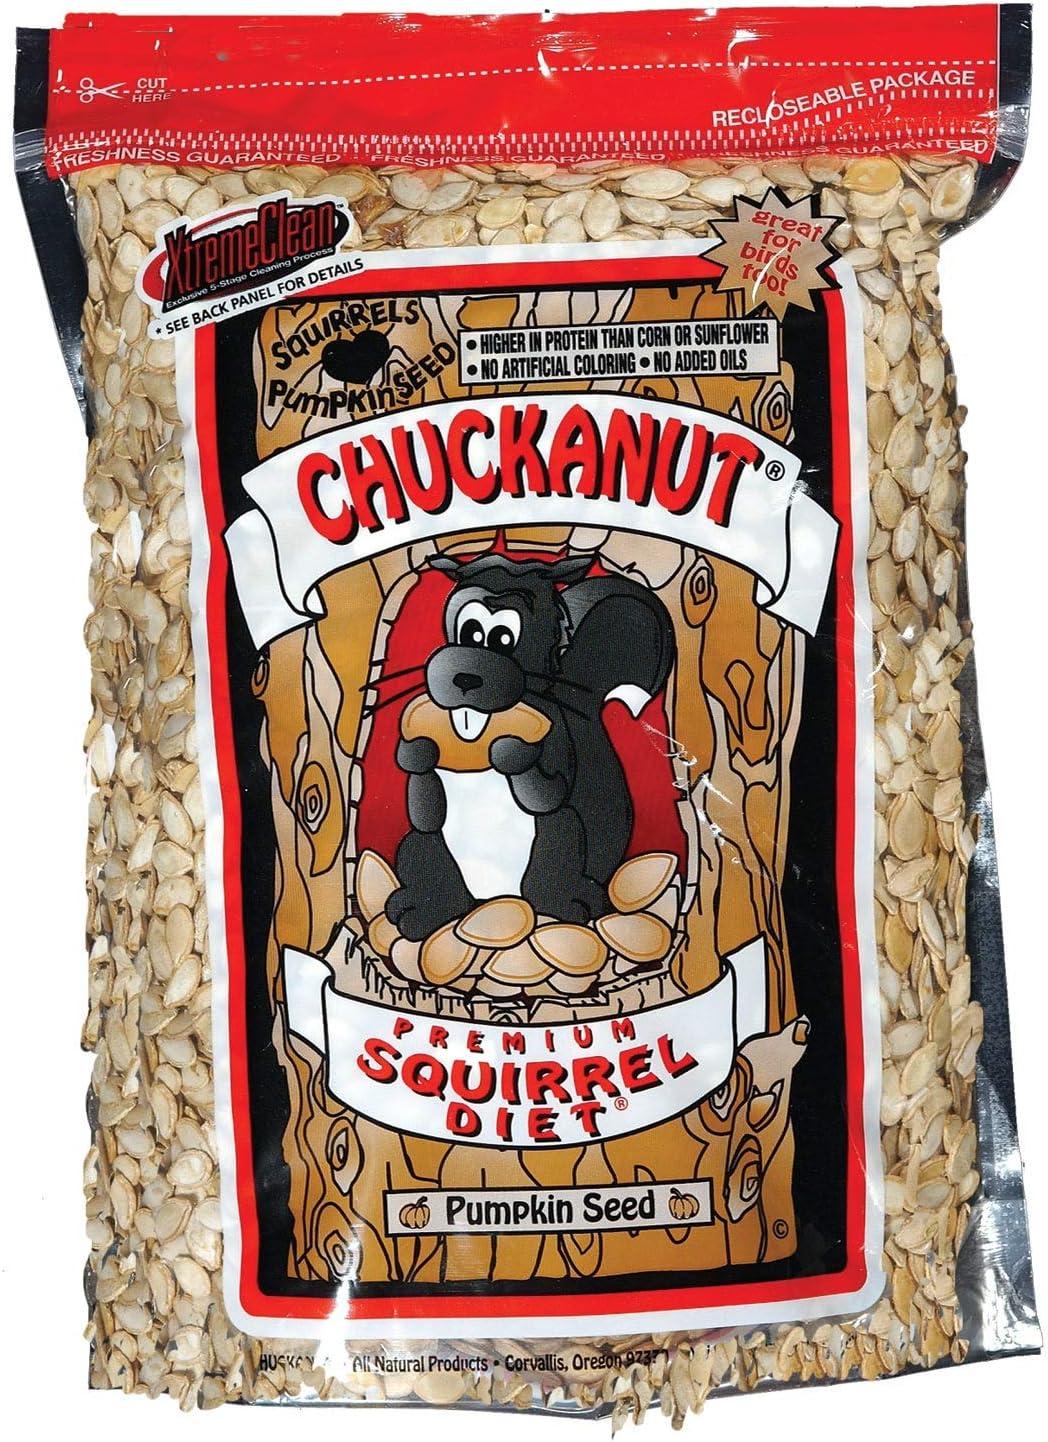 Chuckanut Products 00000 20-Pound Premium Squirrel Diet